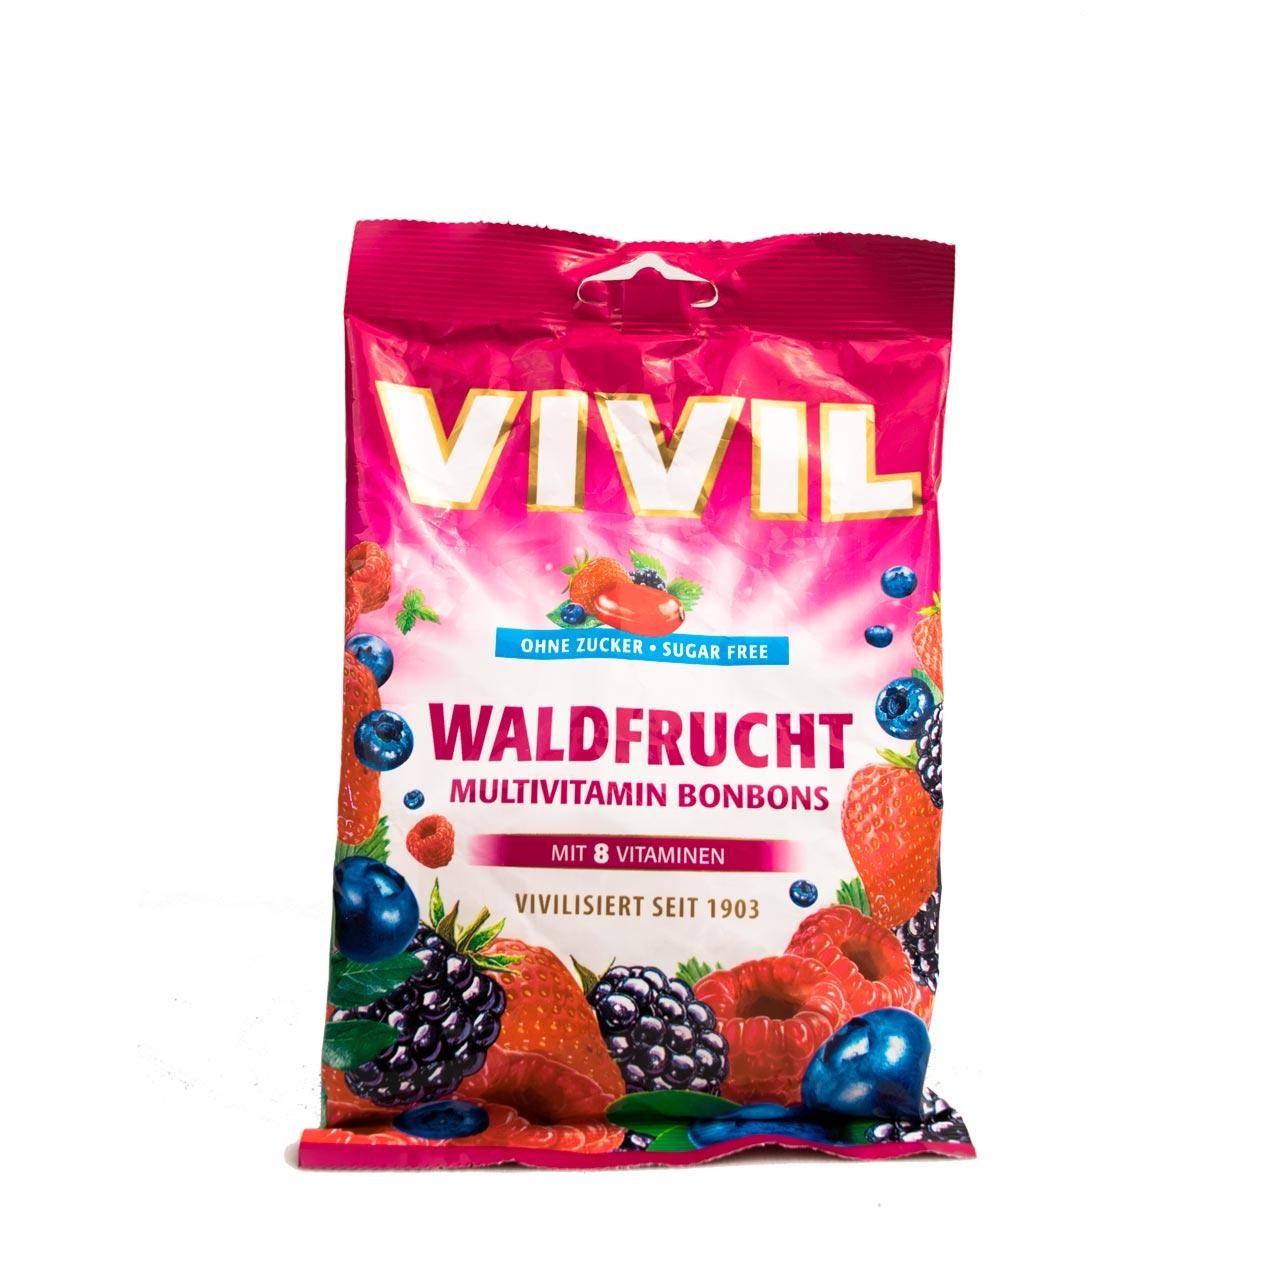 آب نبات مولتی ویتامین با طعم توت وحشی بدون شکر ویویل – vivil